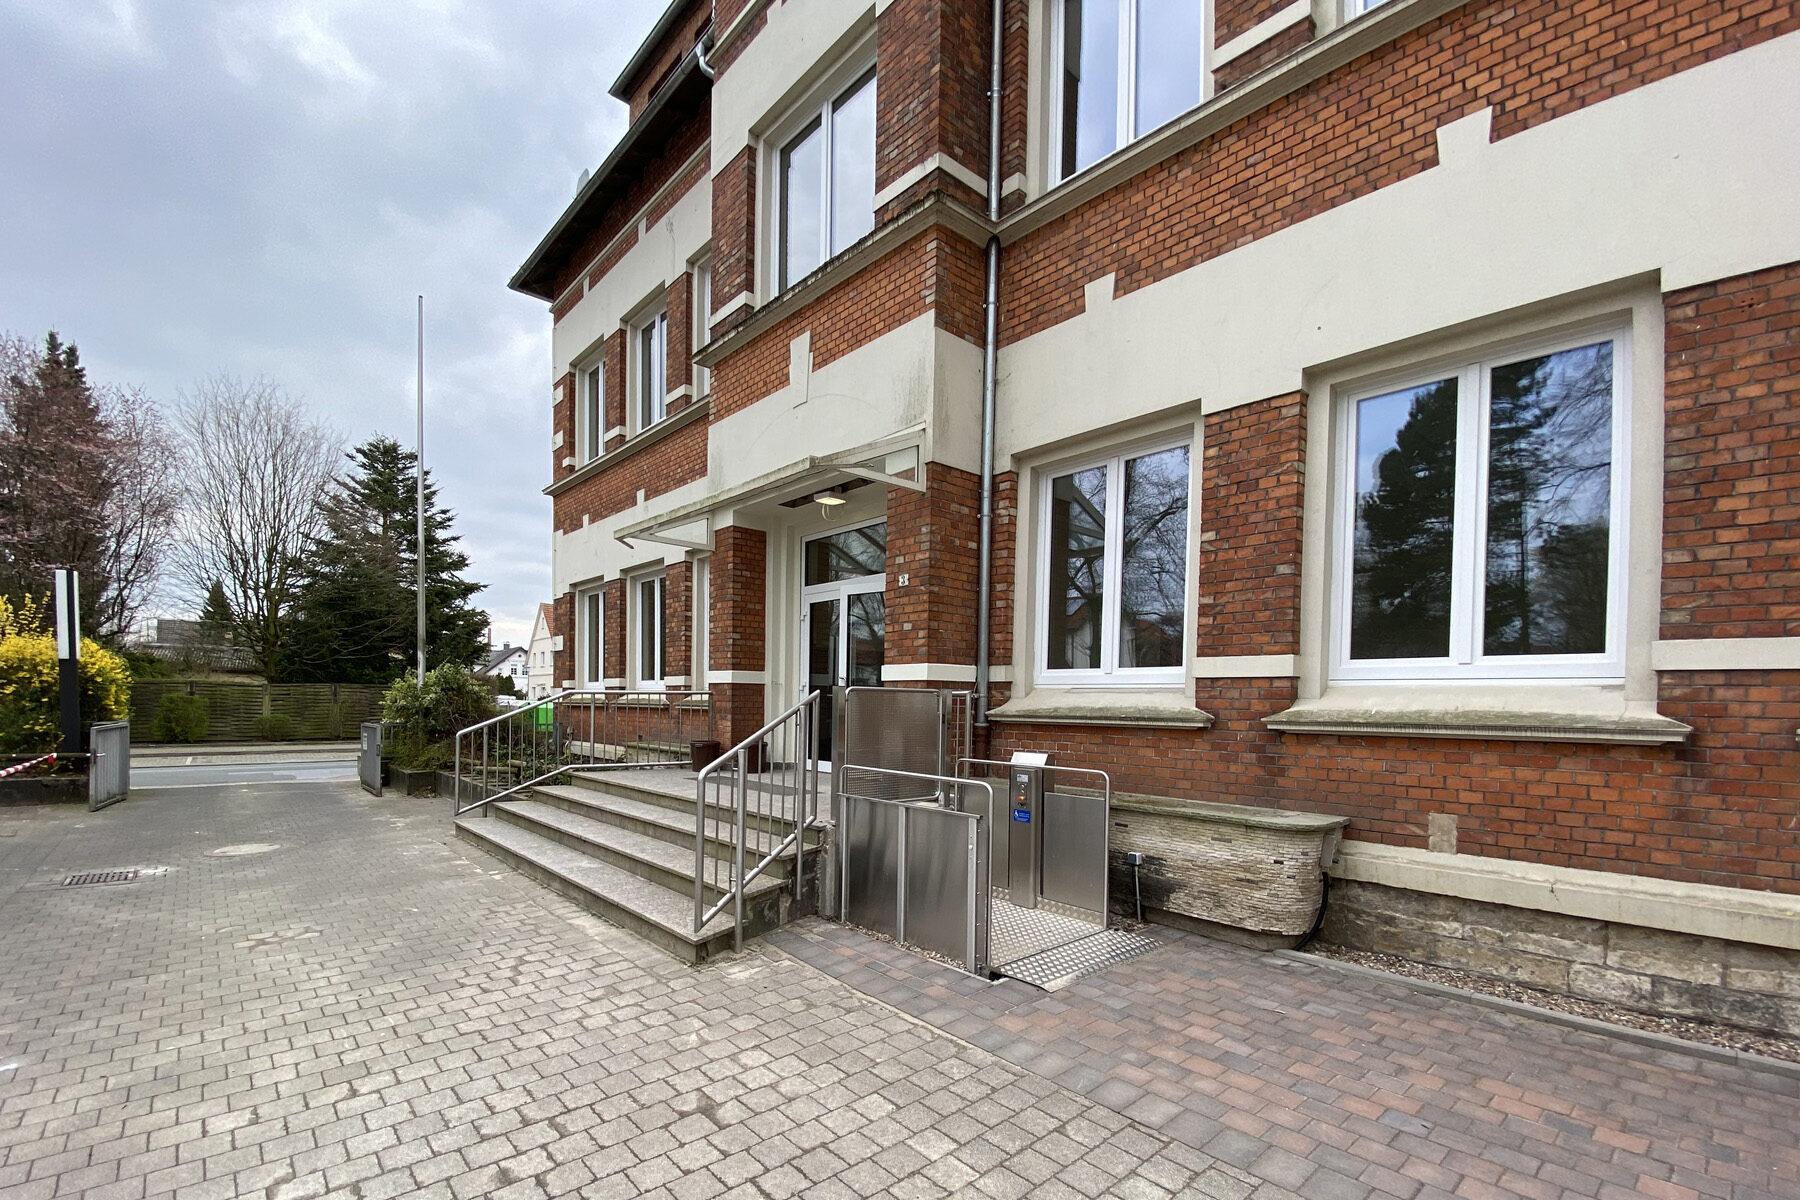 Kornhage-Schubert_Bildunghaus_Süd_Dissen_2